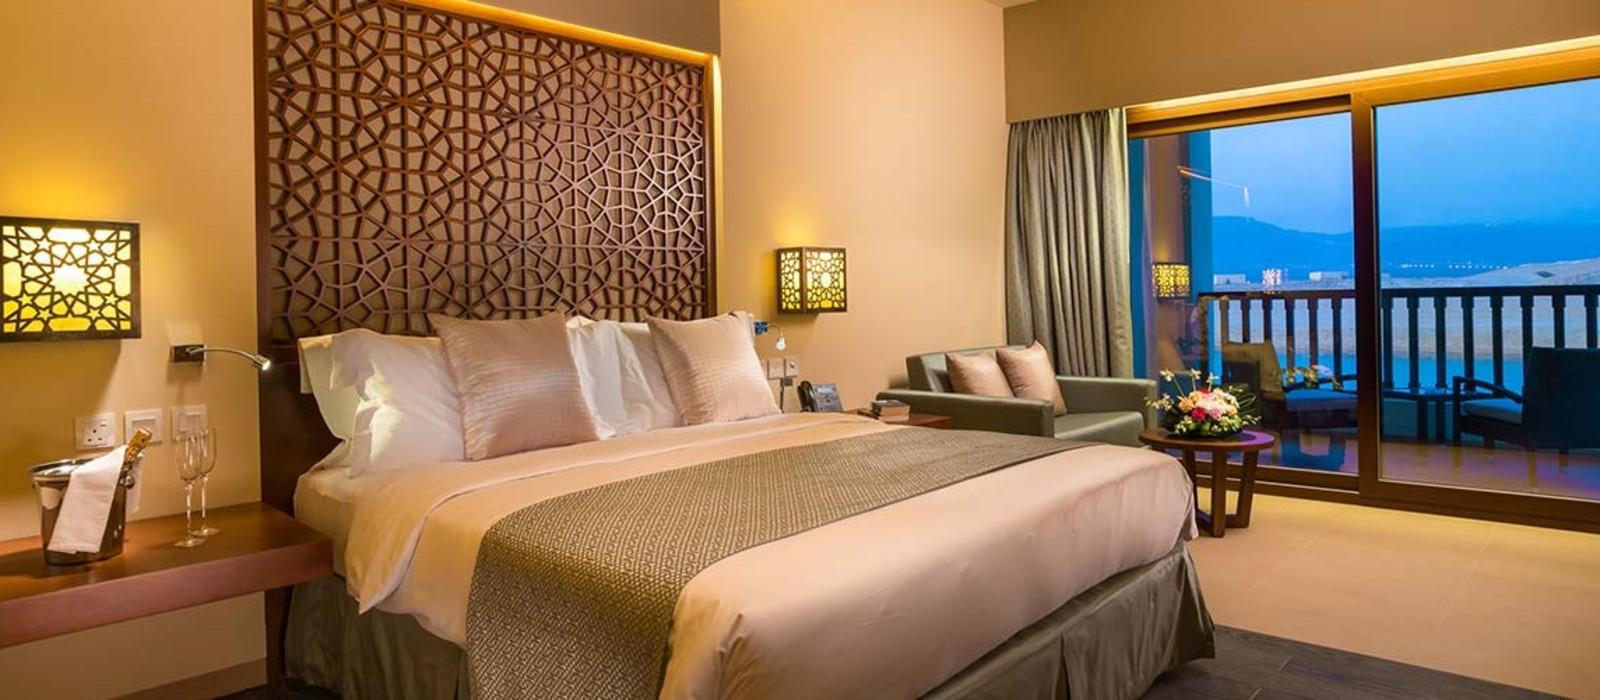 Hotel Fanar  & Residences Oman